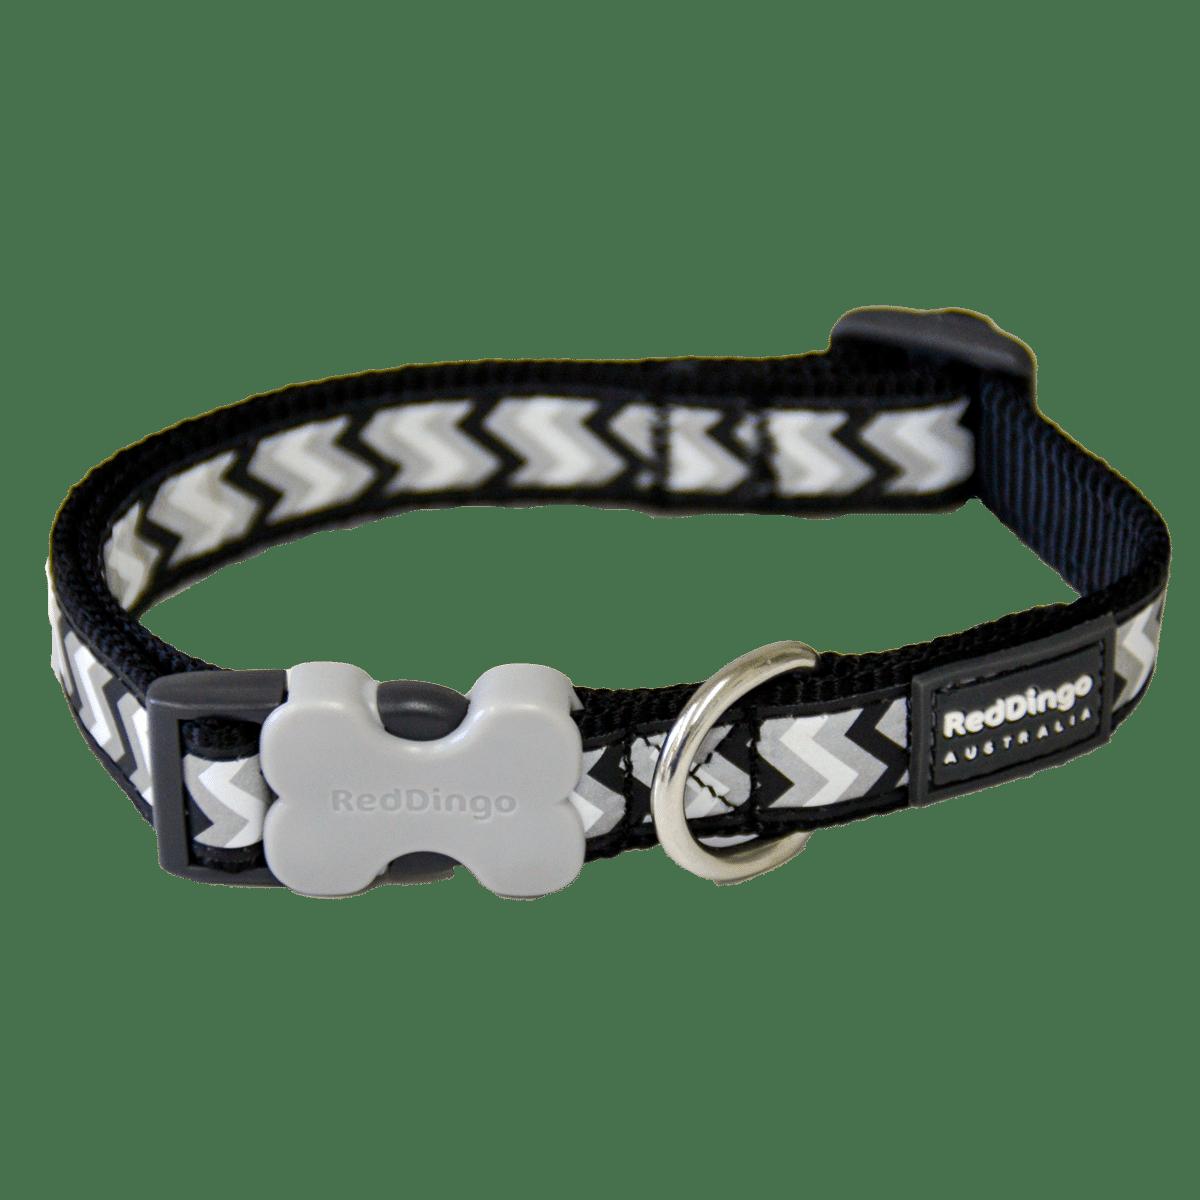 Snyggt hundhalsband av hög kvalitet